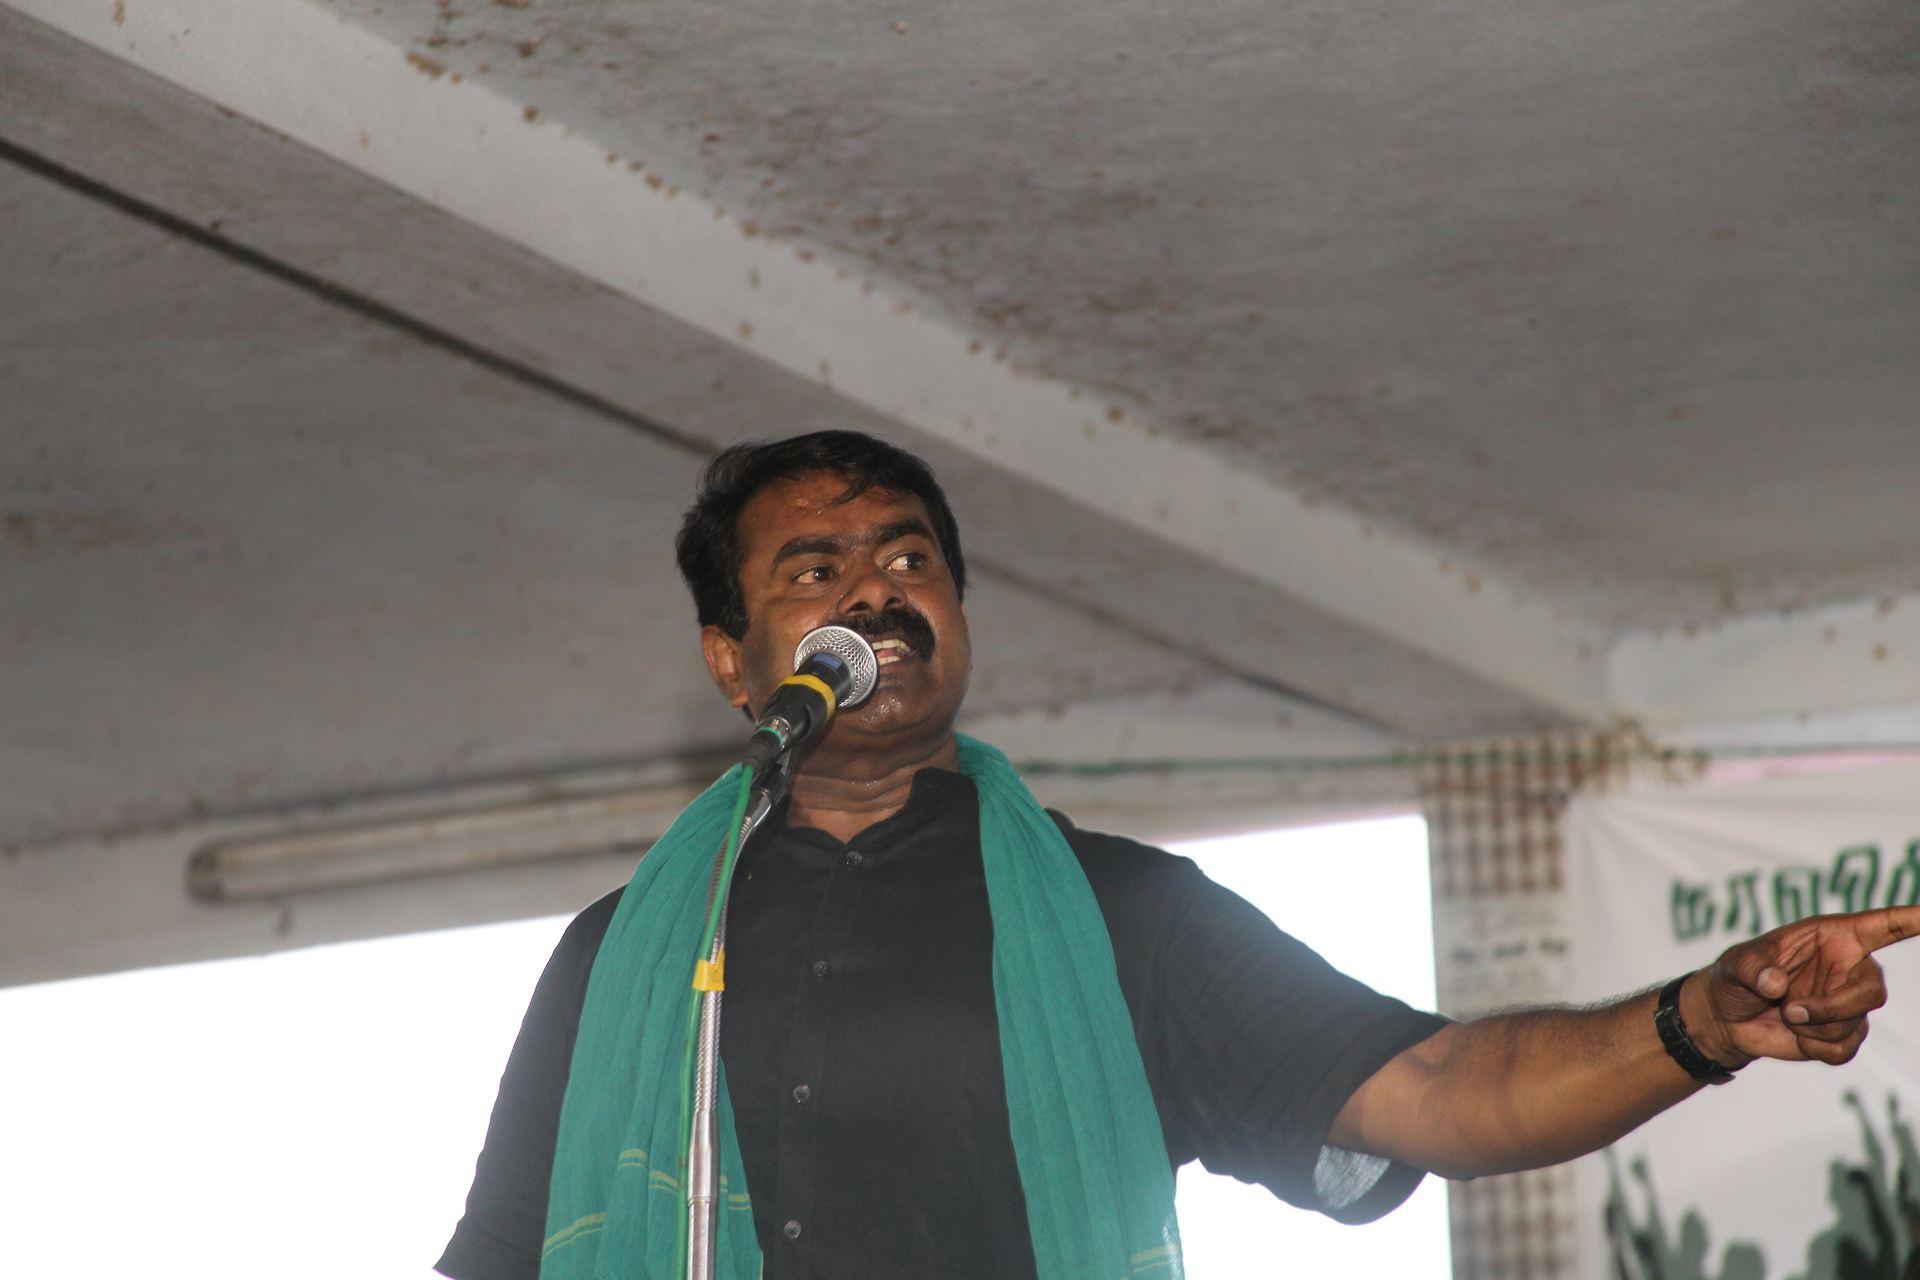 கல்லணையில் காவிரி உரிமை மீட்புக்கான உறுதியேற்பு ஒன்று கூடல்! – சீமான் எழுச்சியுரை naam tamilar katchi seeman speech thiruchy kallanai kaaviri urimai metpu ondru koodal bharathiraja ameer maniyarasan 51